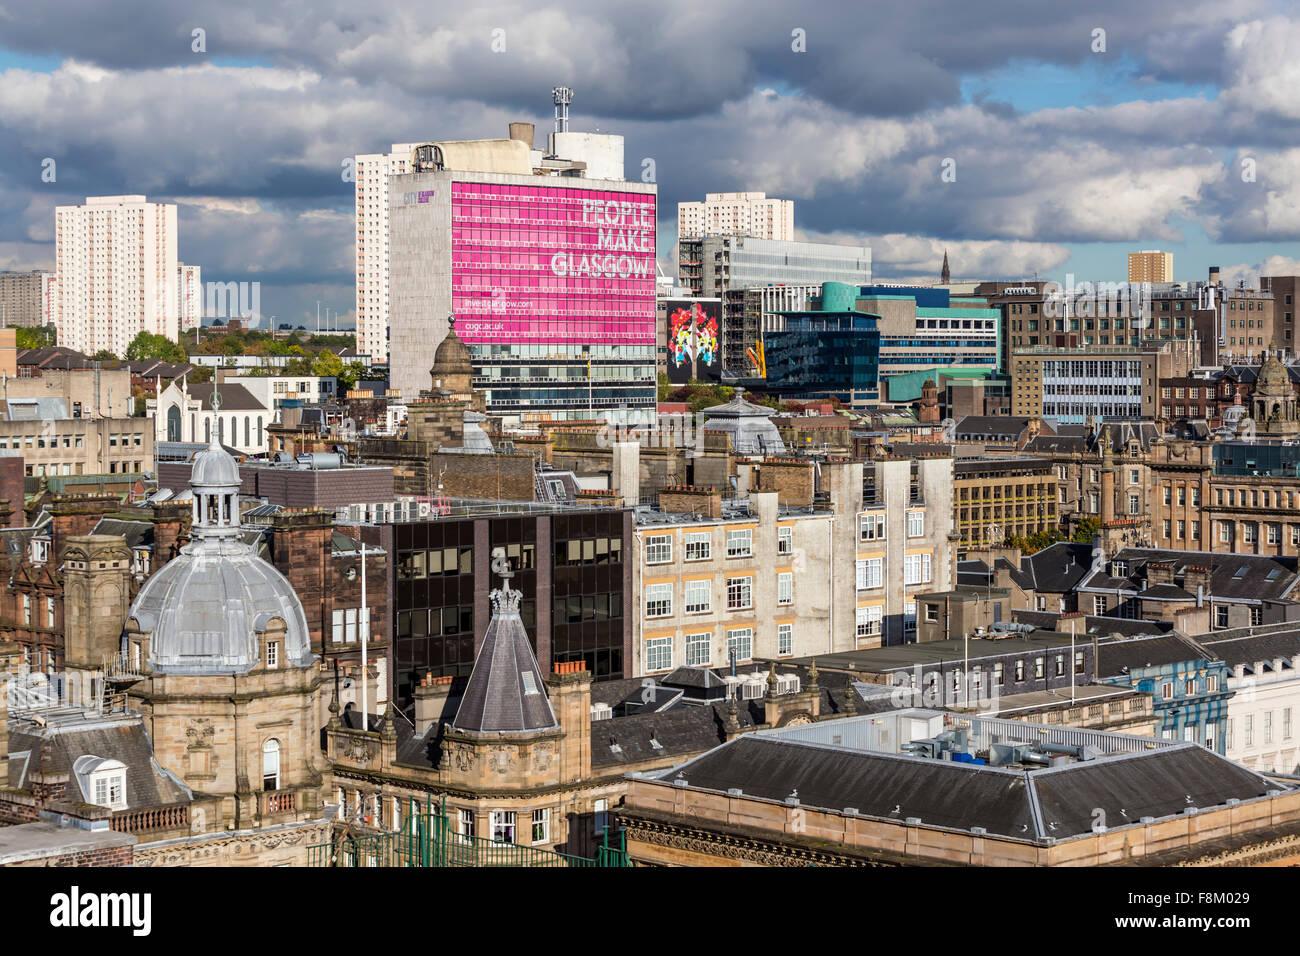 Vue sur le nord-est au-dessus du centre-ville de Glasgow depuis la Lighthouse Tower, Écosse, Royaume-Uni Banque D'Images